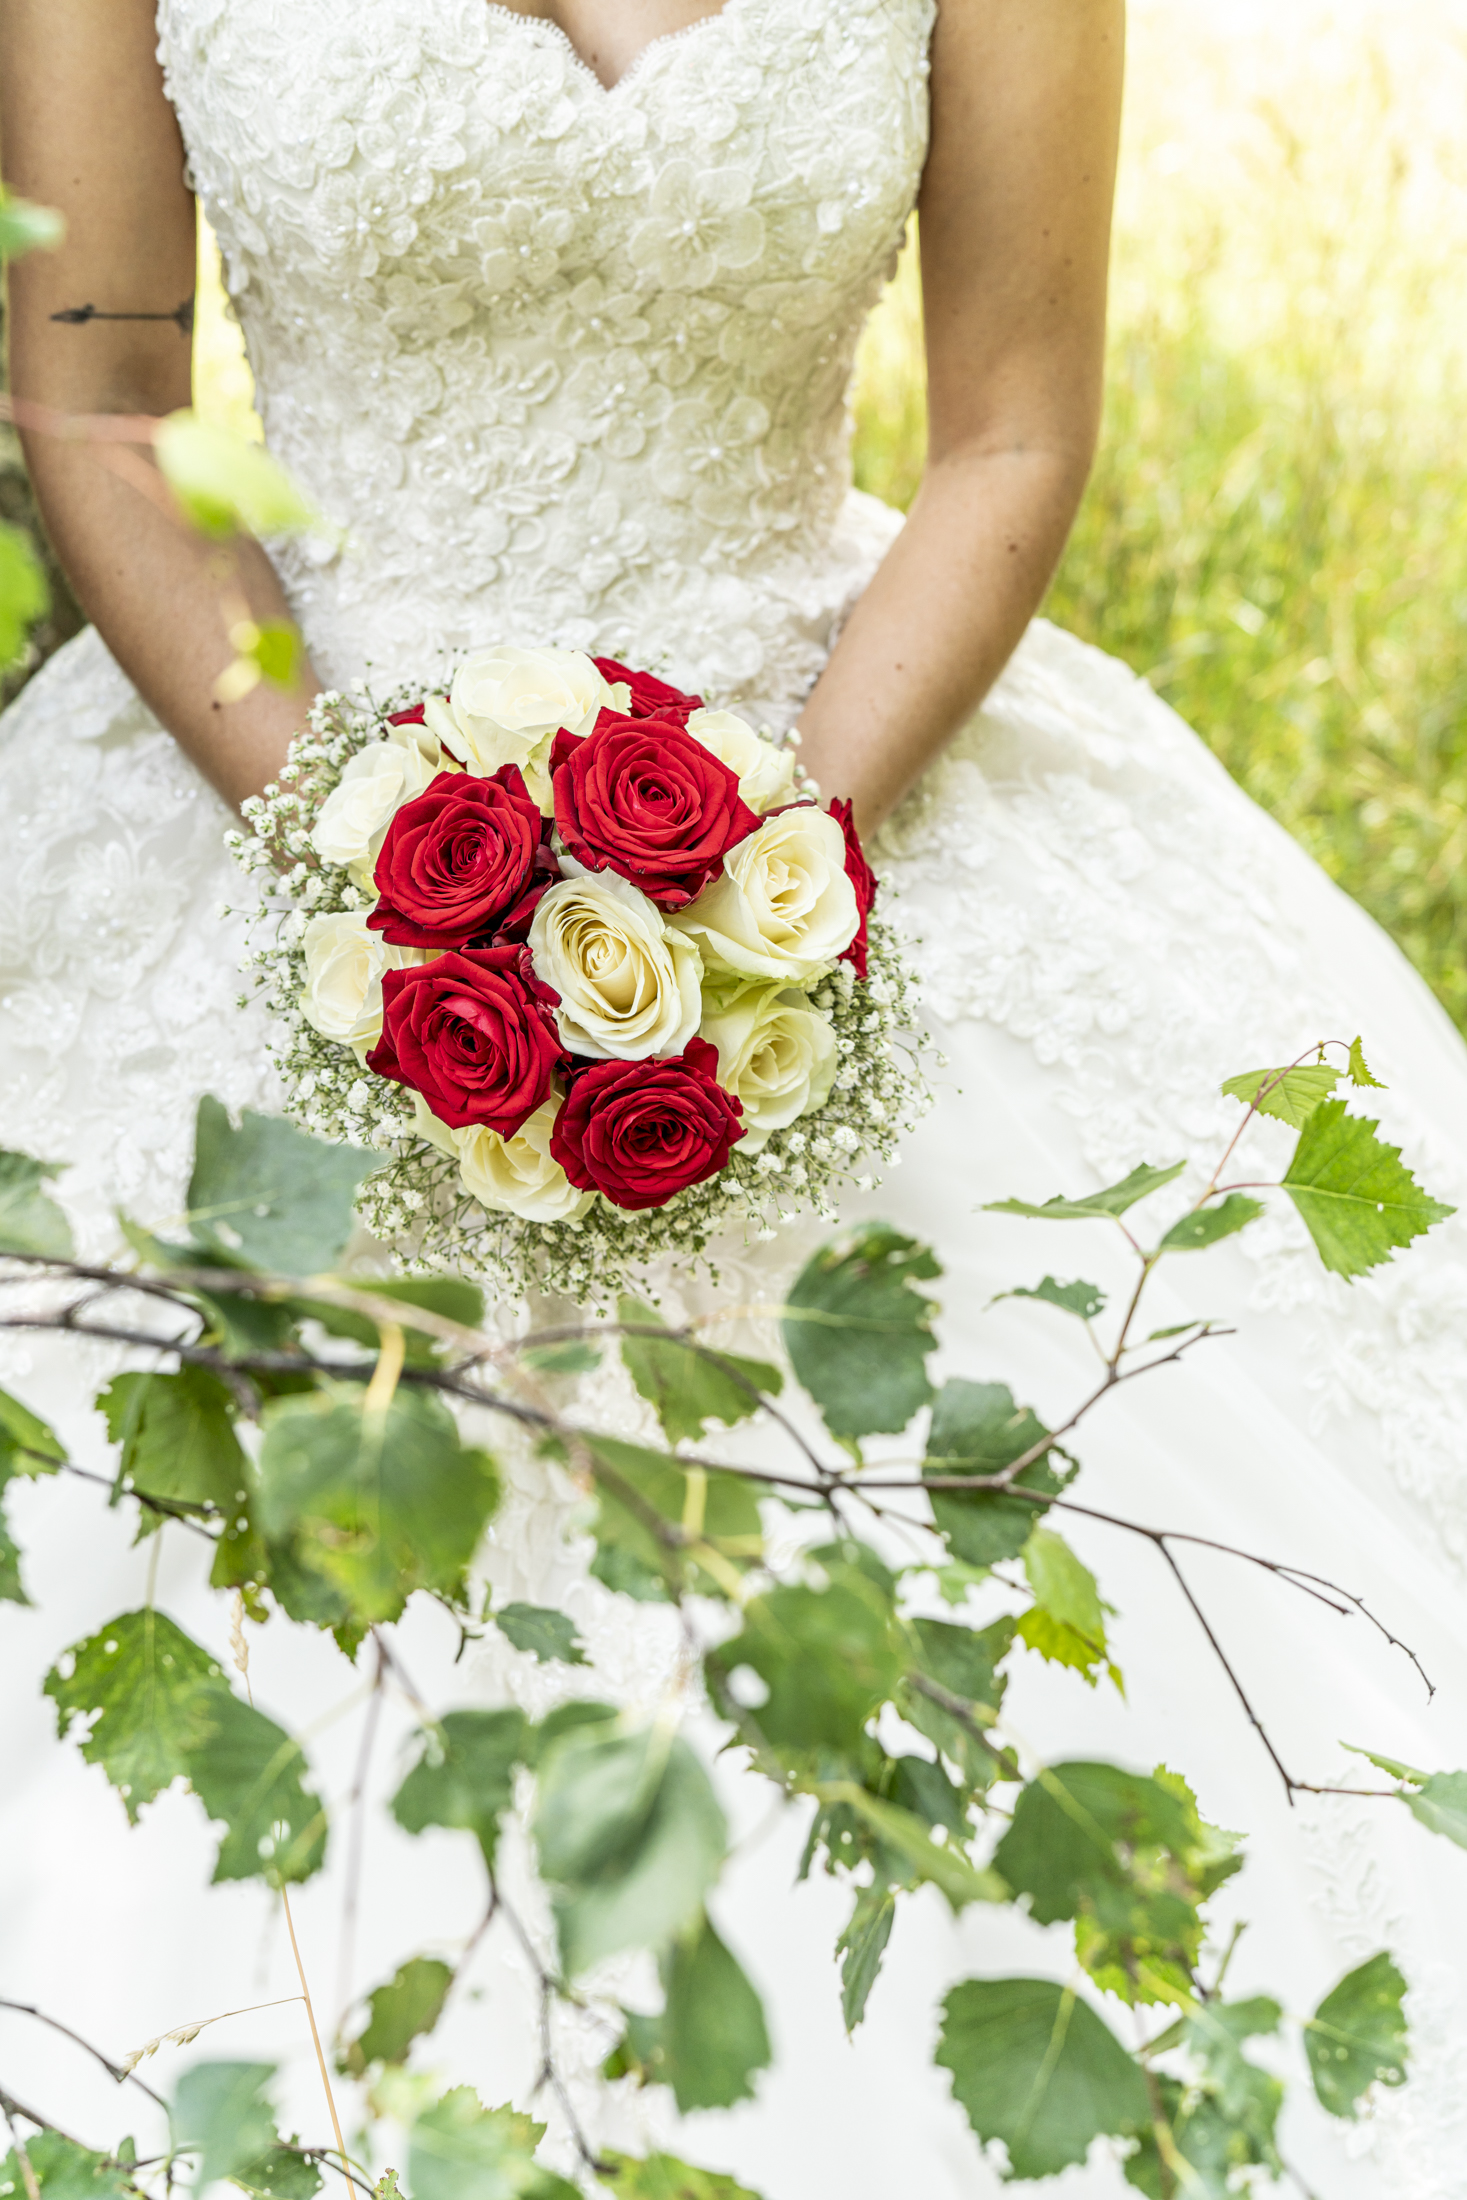 Hochzeit Michael & Simona, Medien, 13.7.